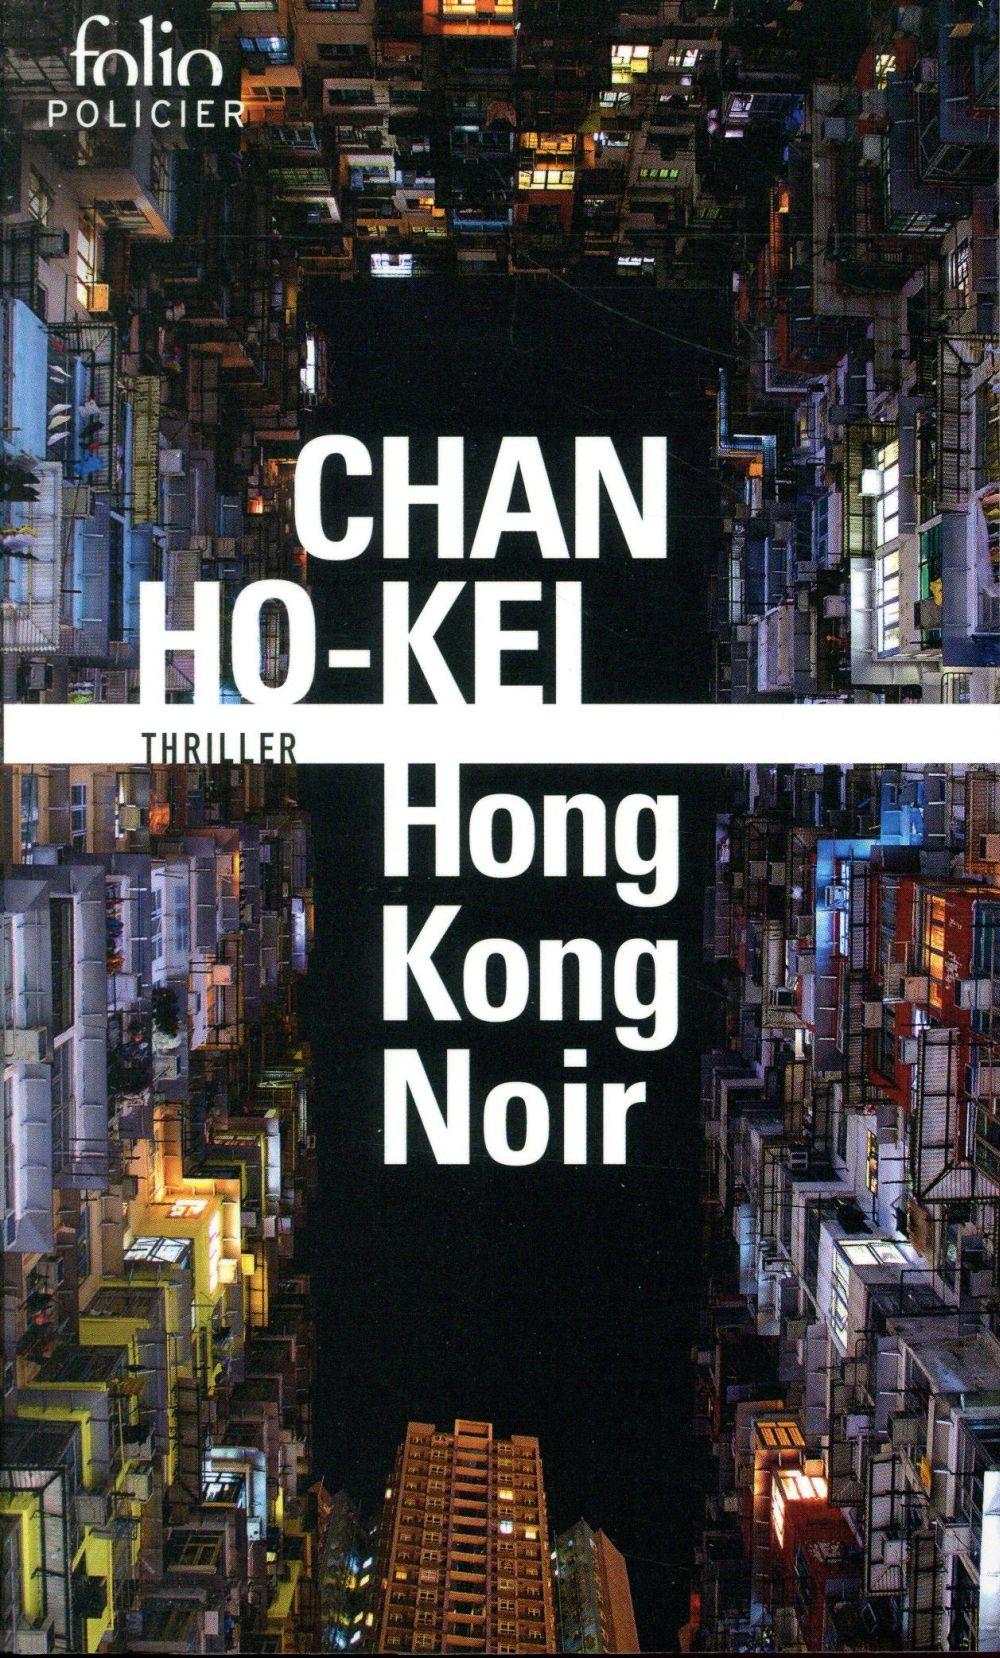 Hong-Kong noir